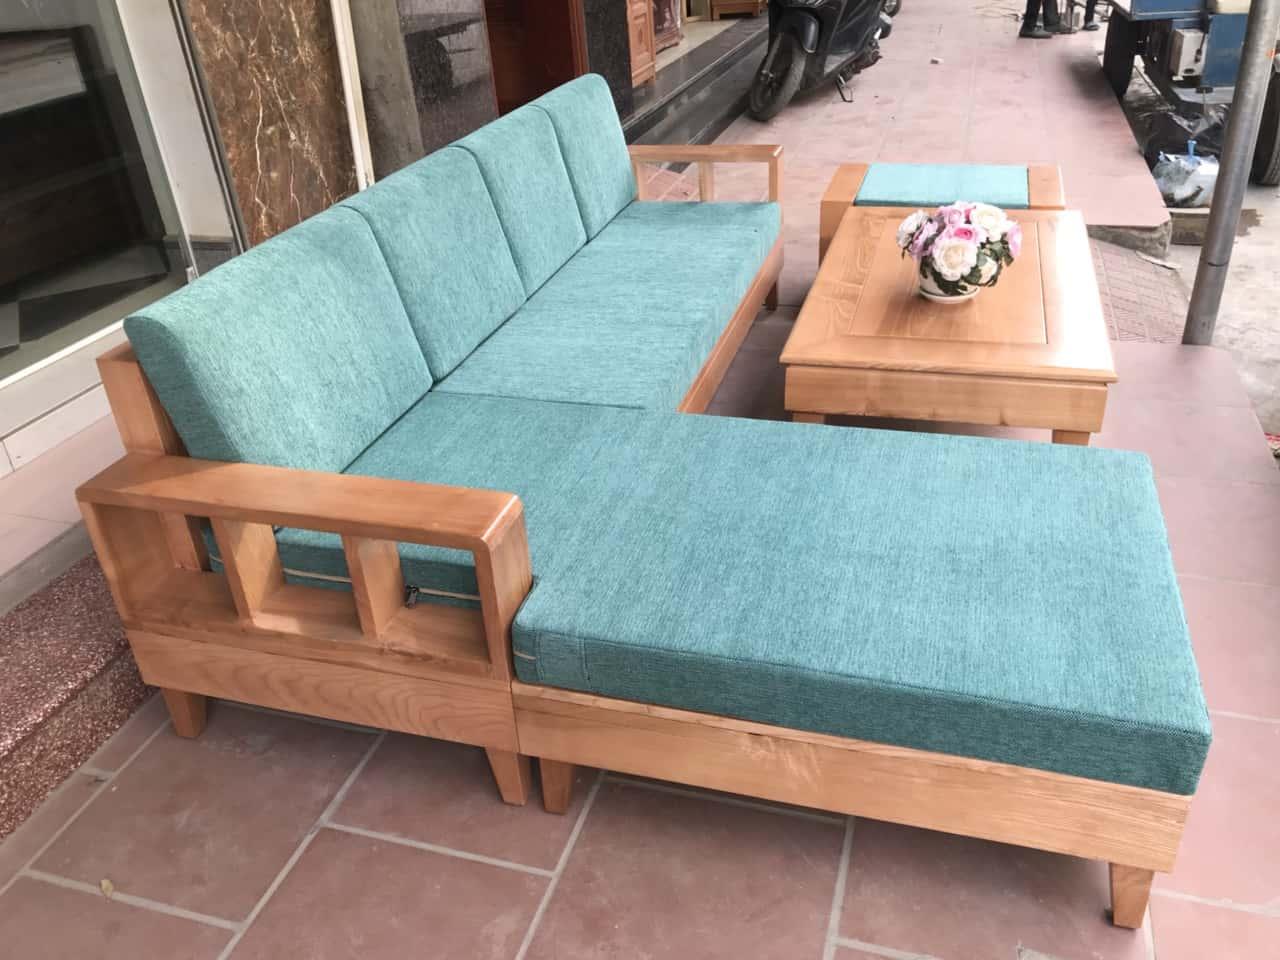 0b33884ba19c47c21e8d - Bộ sưu tập bộ sofa gỗ đẹp nhất được nhiều người thích hiện nay